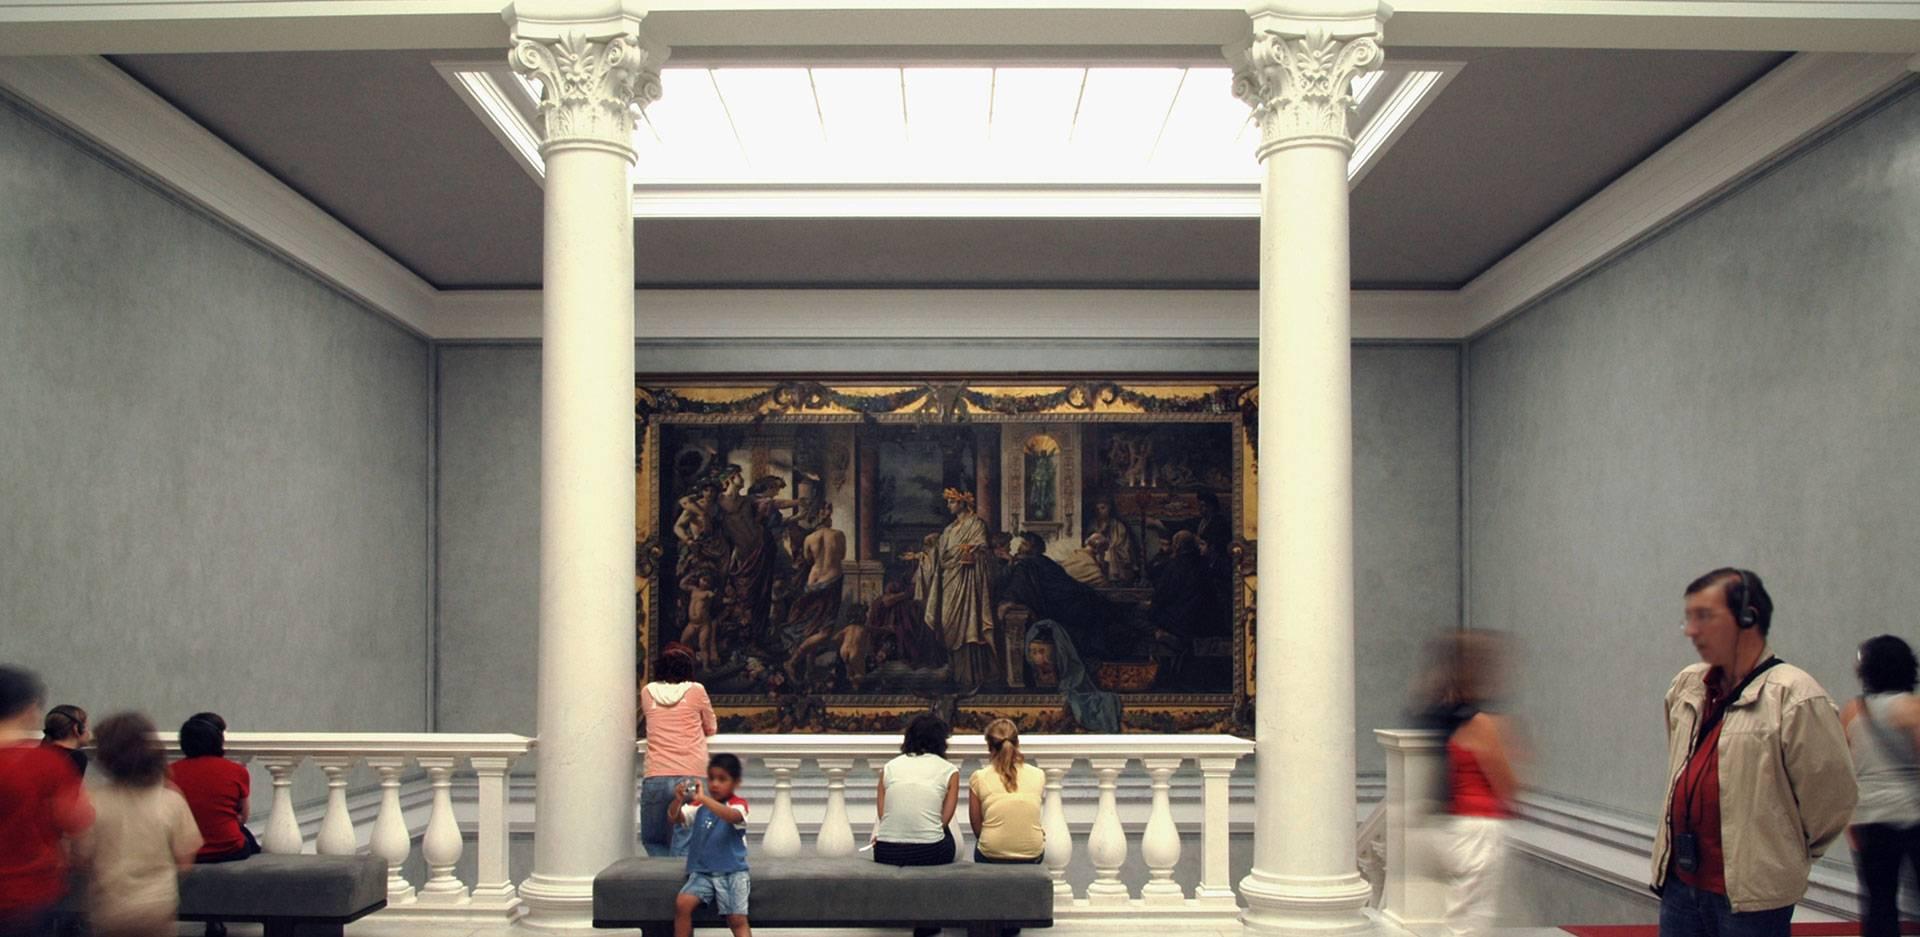 Музей боде в берлине, германия - галерея